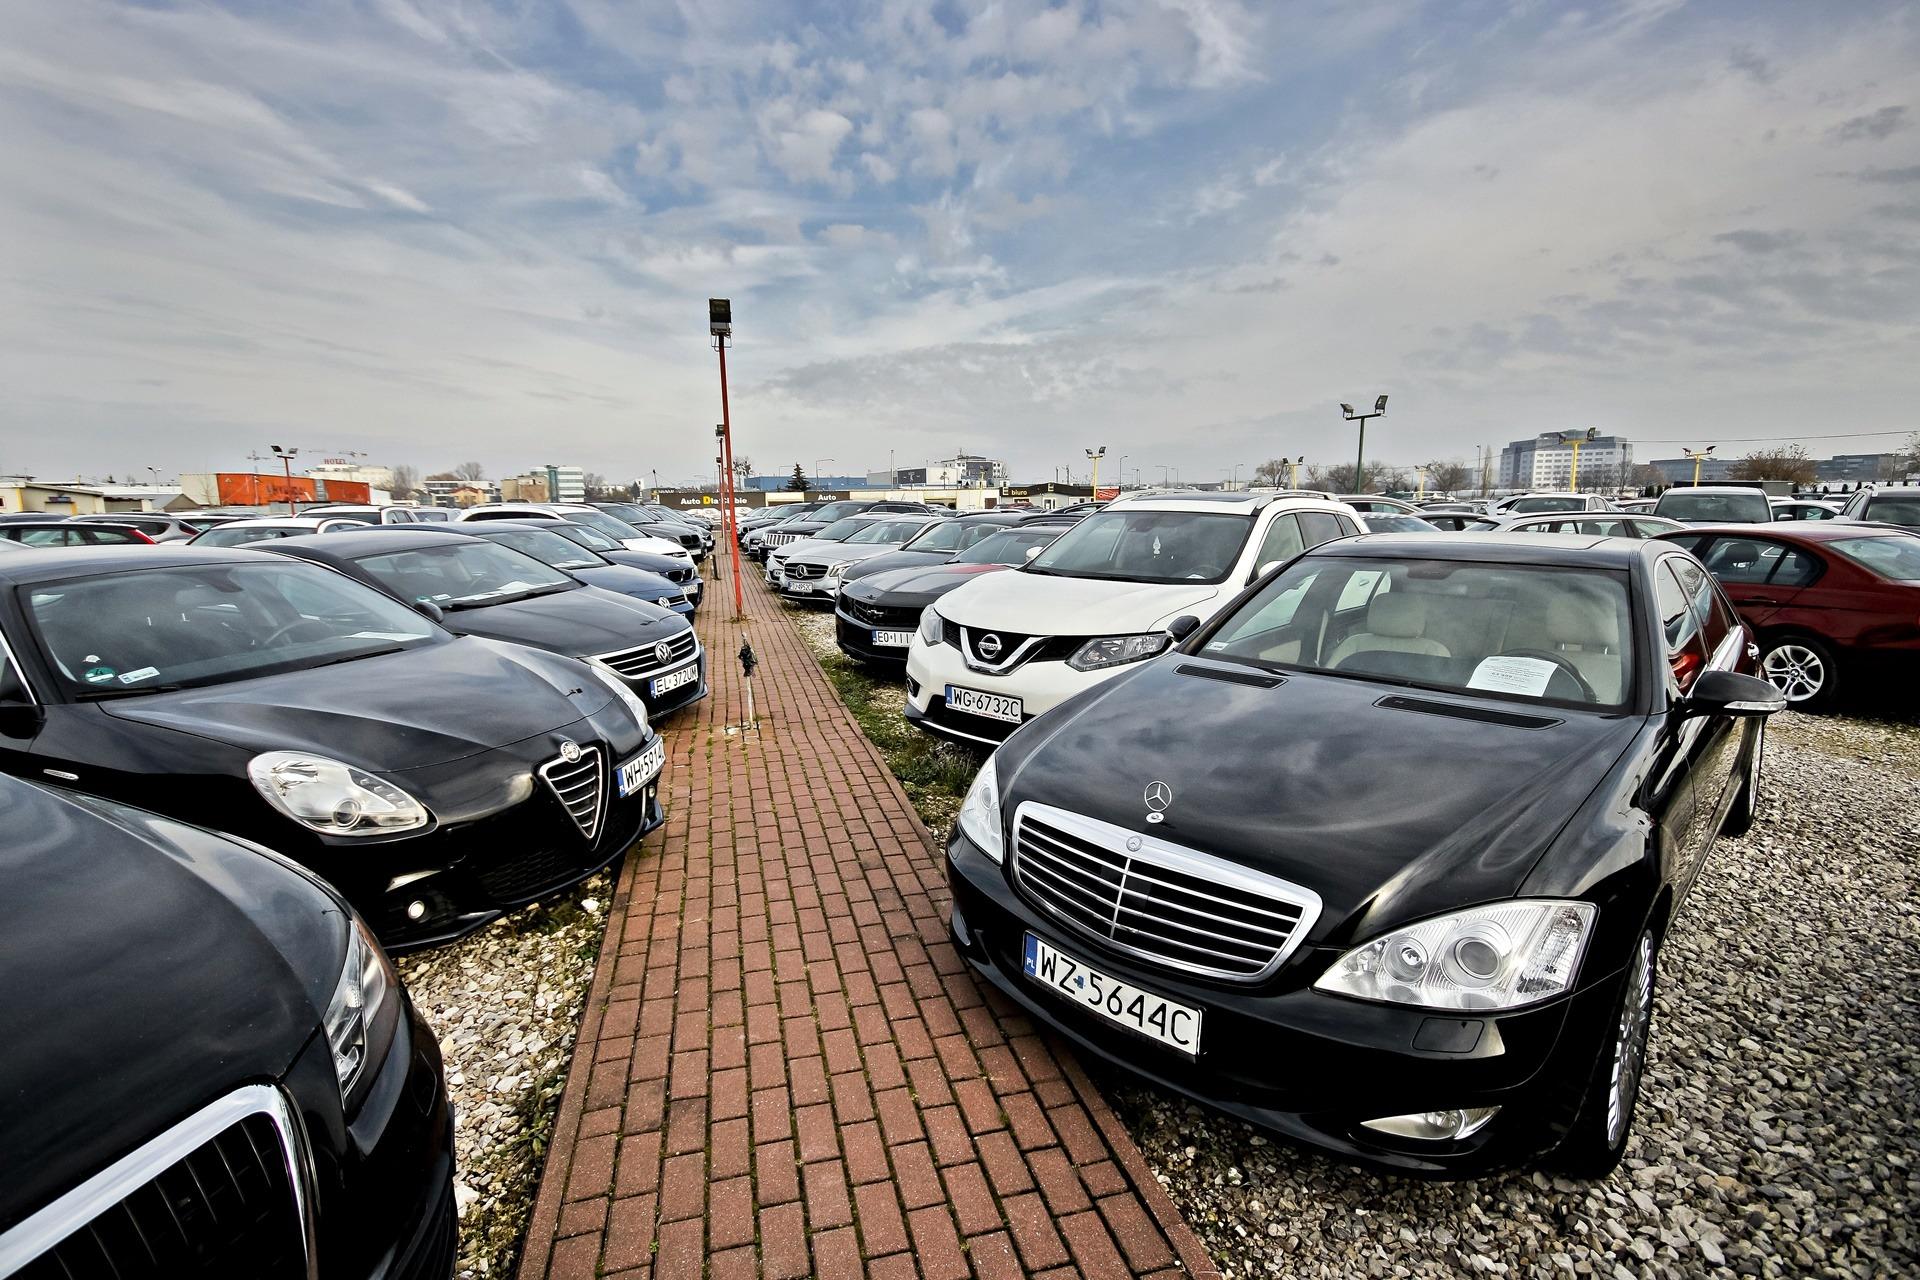 Unikalne 10 najlepszych samochodów używanych na 2018 rok - RANKING JG01